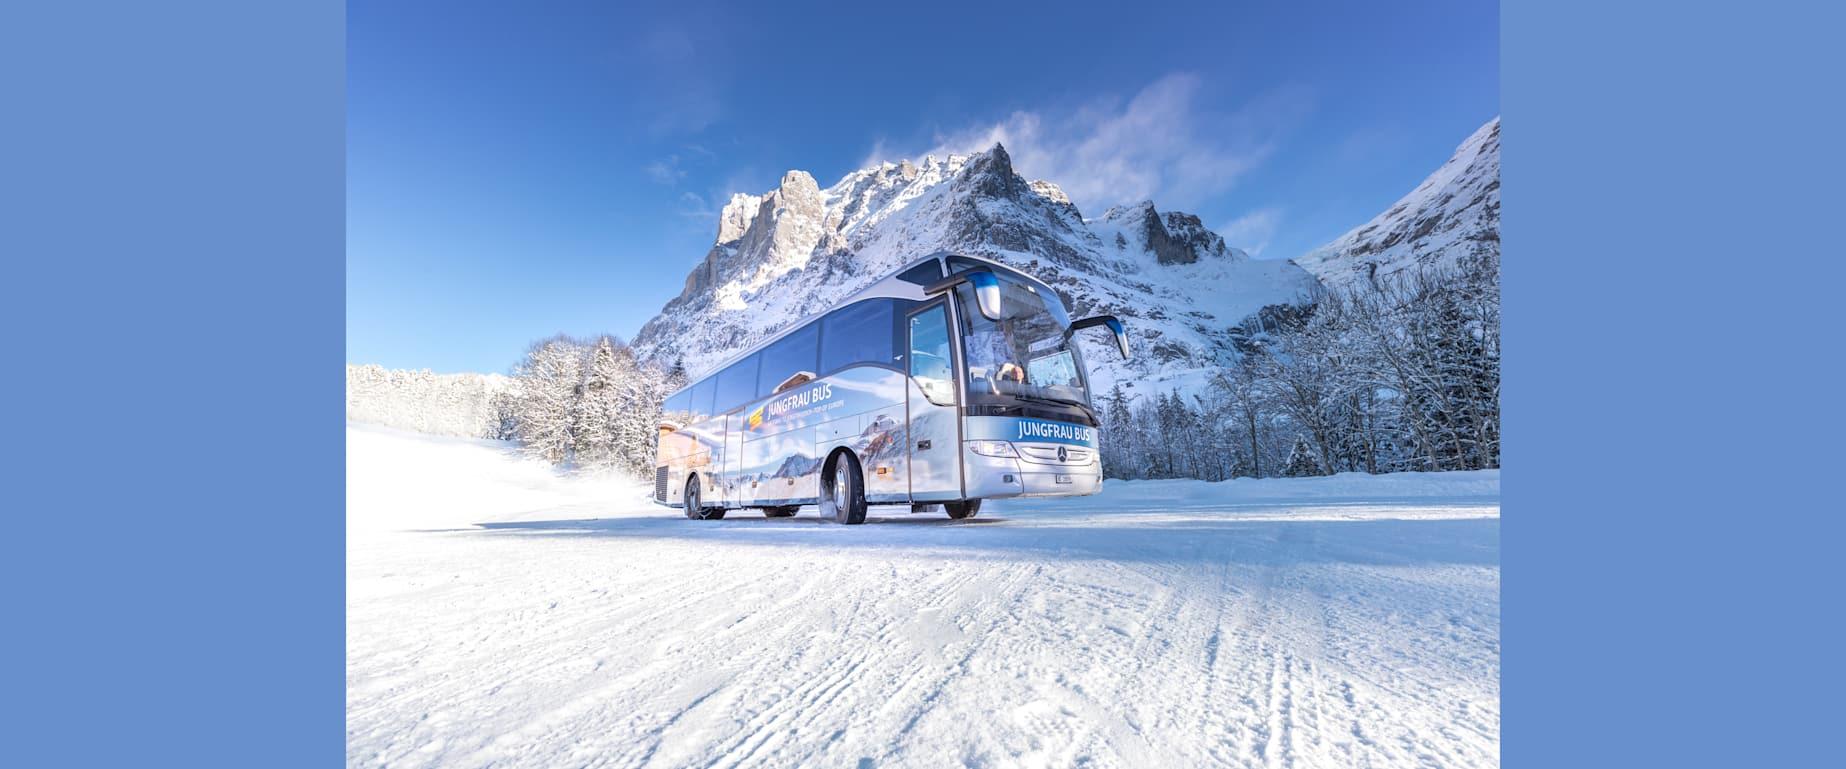 Skibus Grindelwald